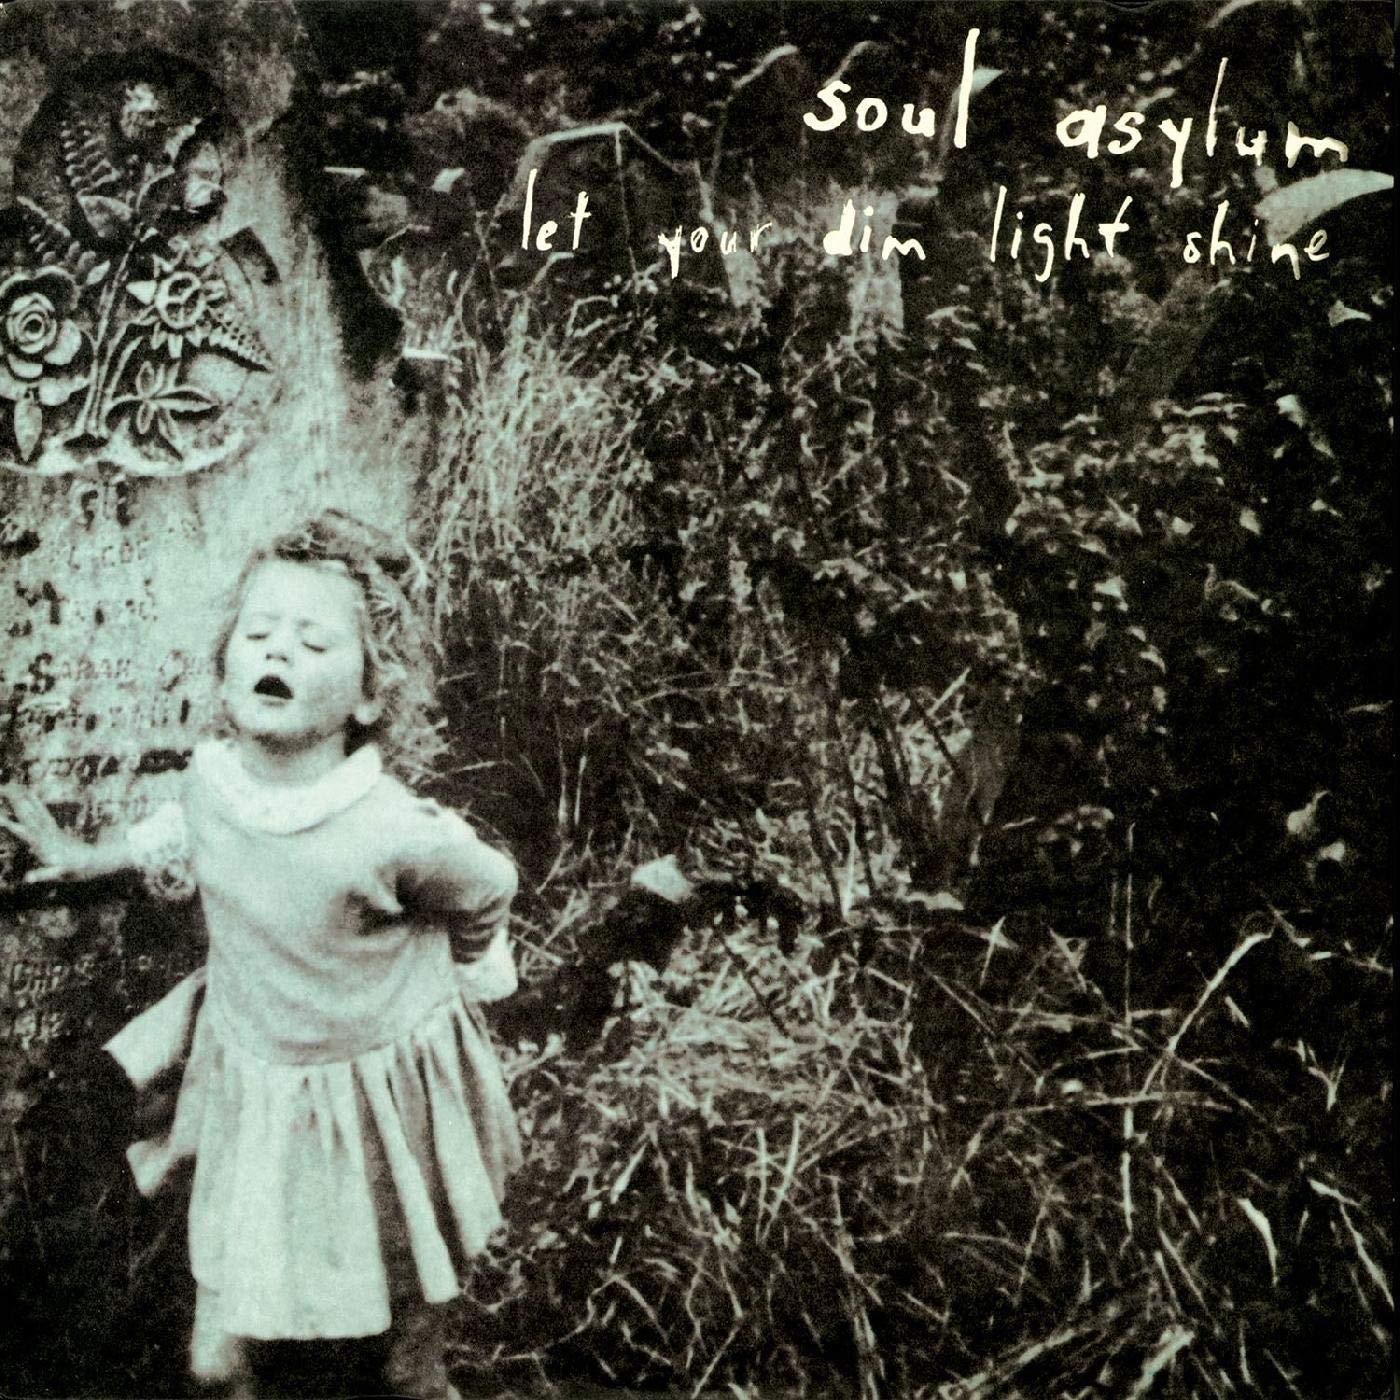 Soul Asylum - Let Your Dim Light Shine (Coke Bottle / Blue Swirl) Vinyl LP